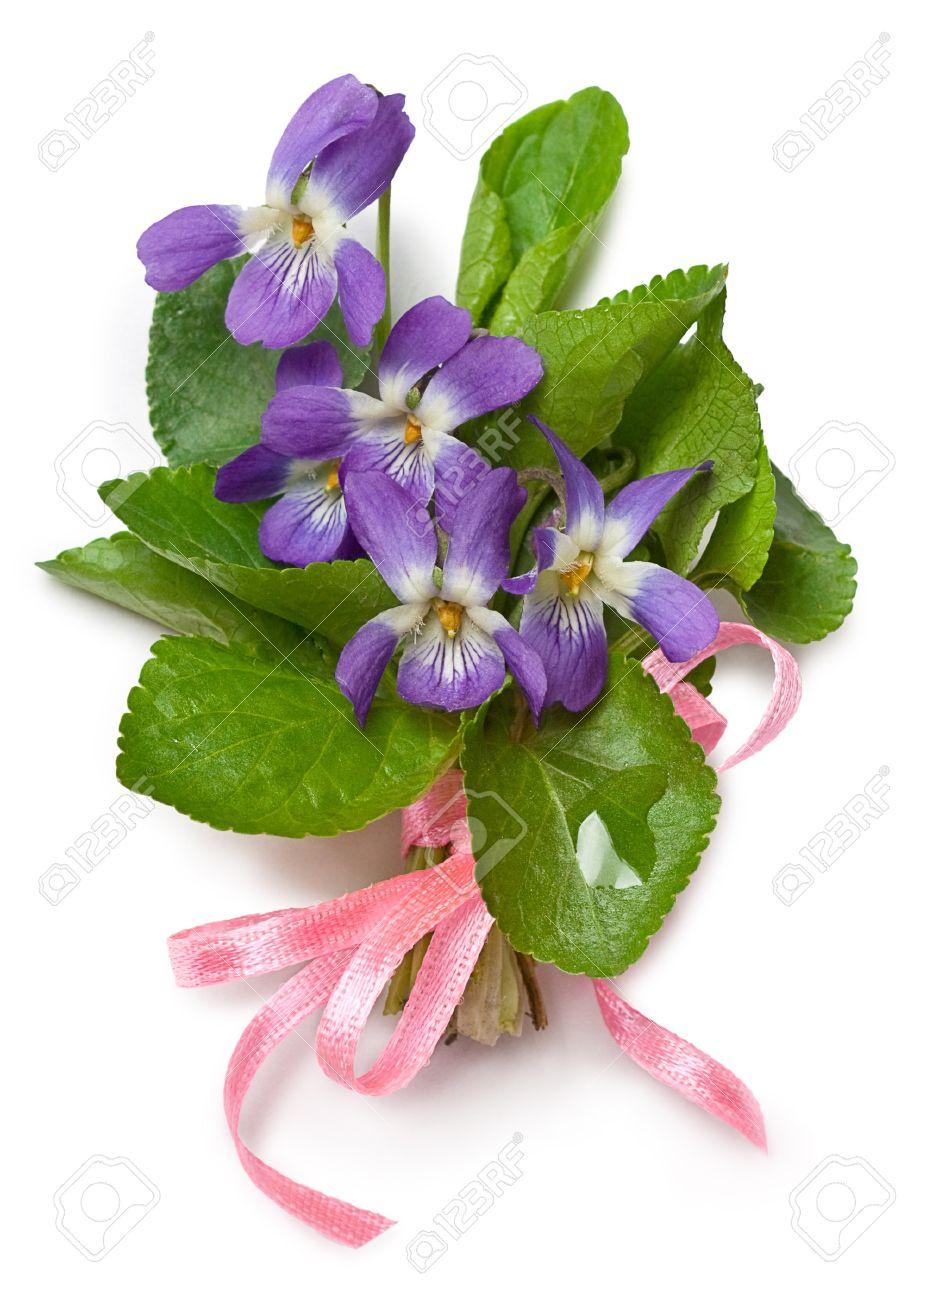 Fiori di primavera da mangiare omaggio alle donne for Fiori di primavera